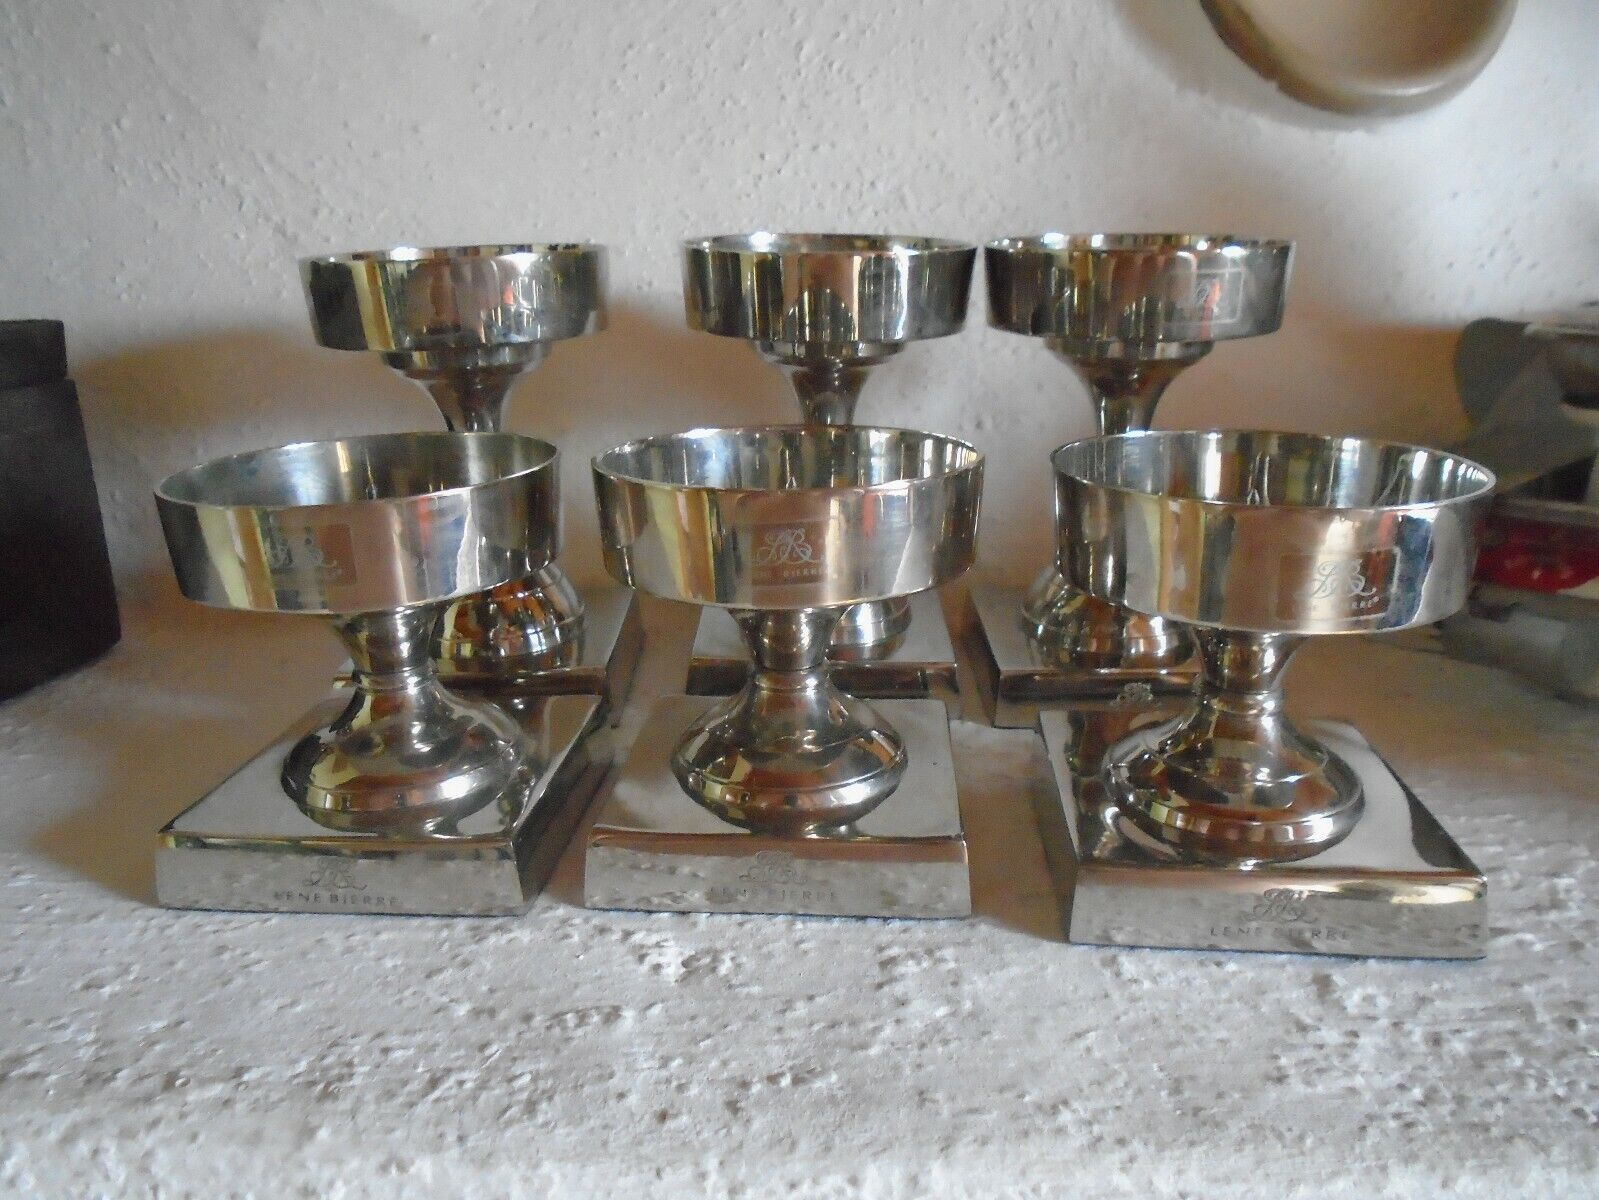 6 Kerzenständer von Lene Bjerre - Neu und unbenutzt